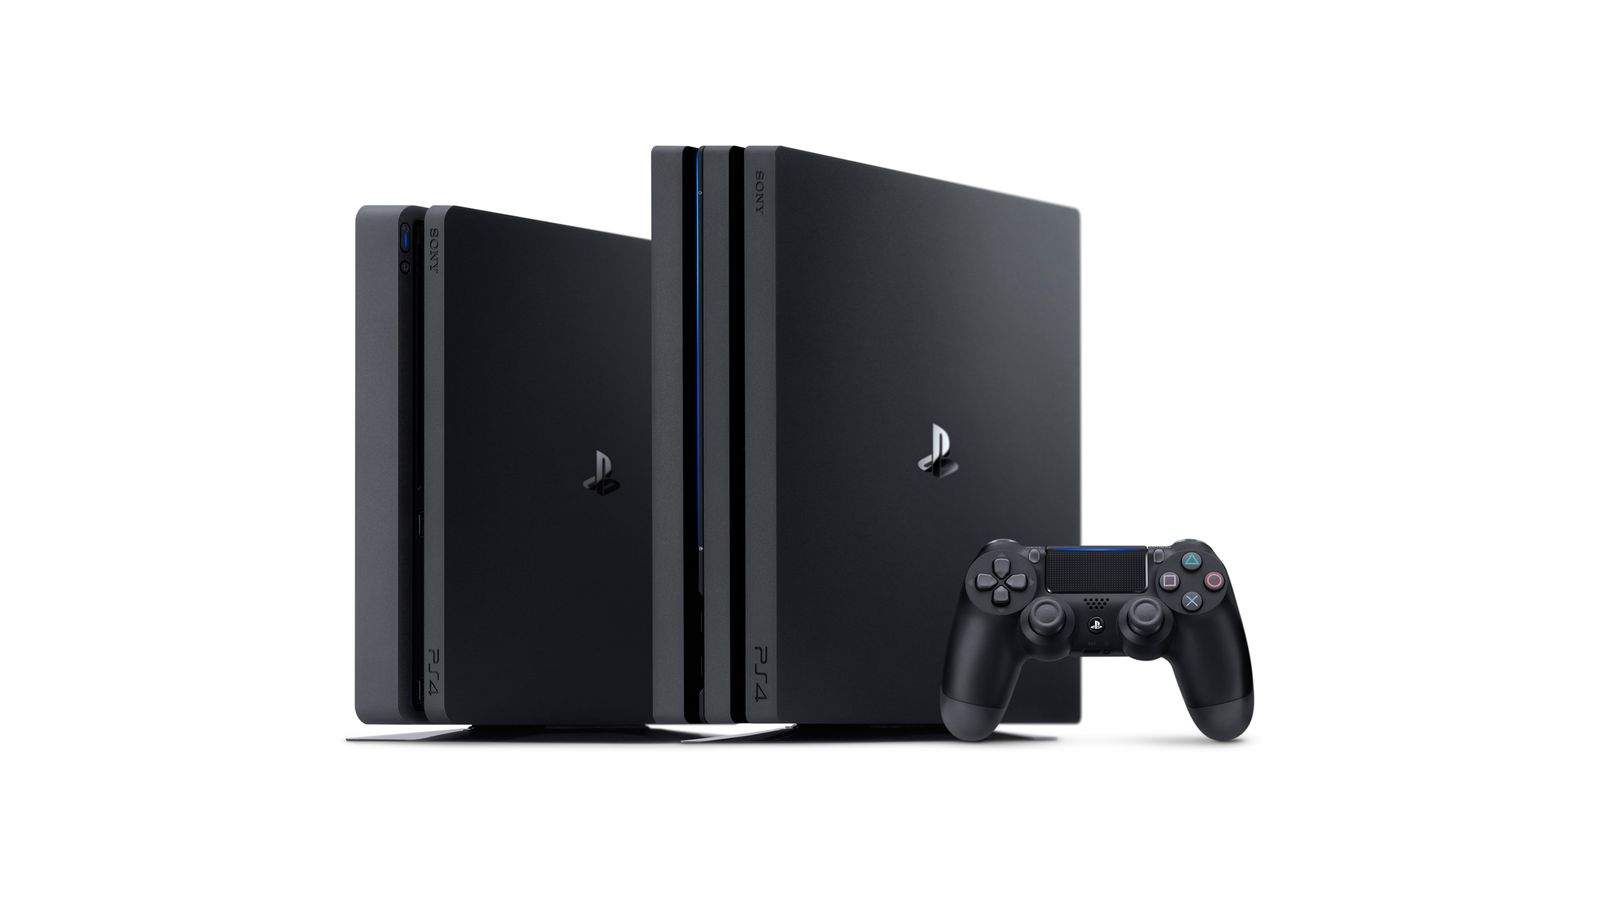 Myydään Playstation 4 Pro